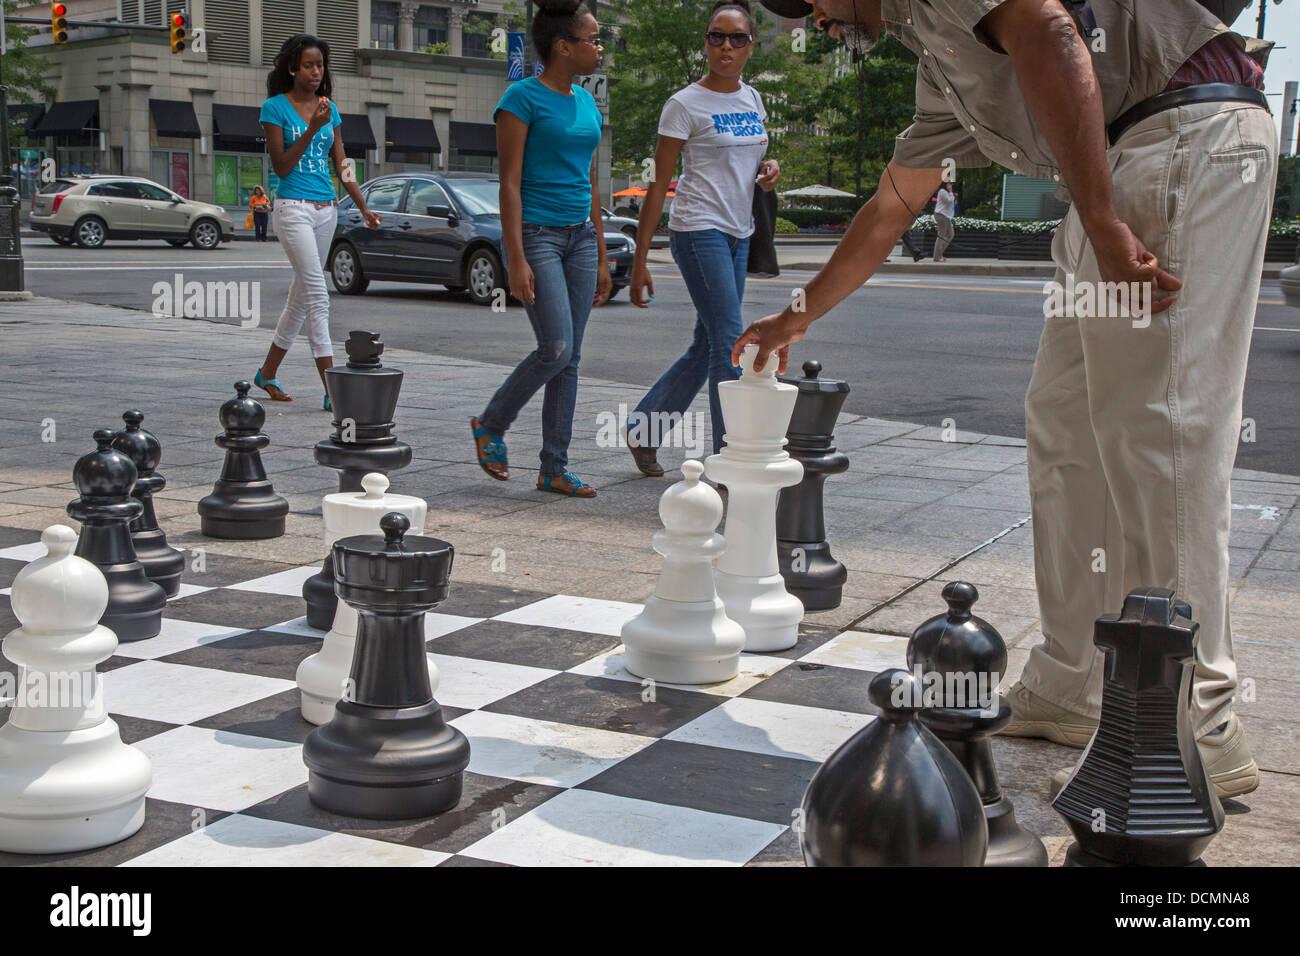 Detroit, Michigan - Un homme se déplace un morceau dans un trottoir d'échecs au centre-ville de Detroit. Banque D'Images